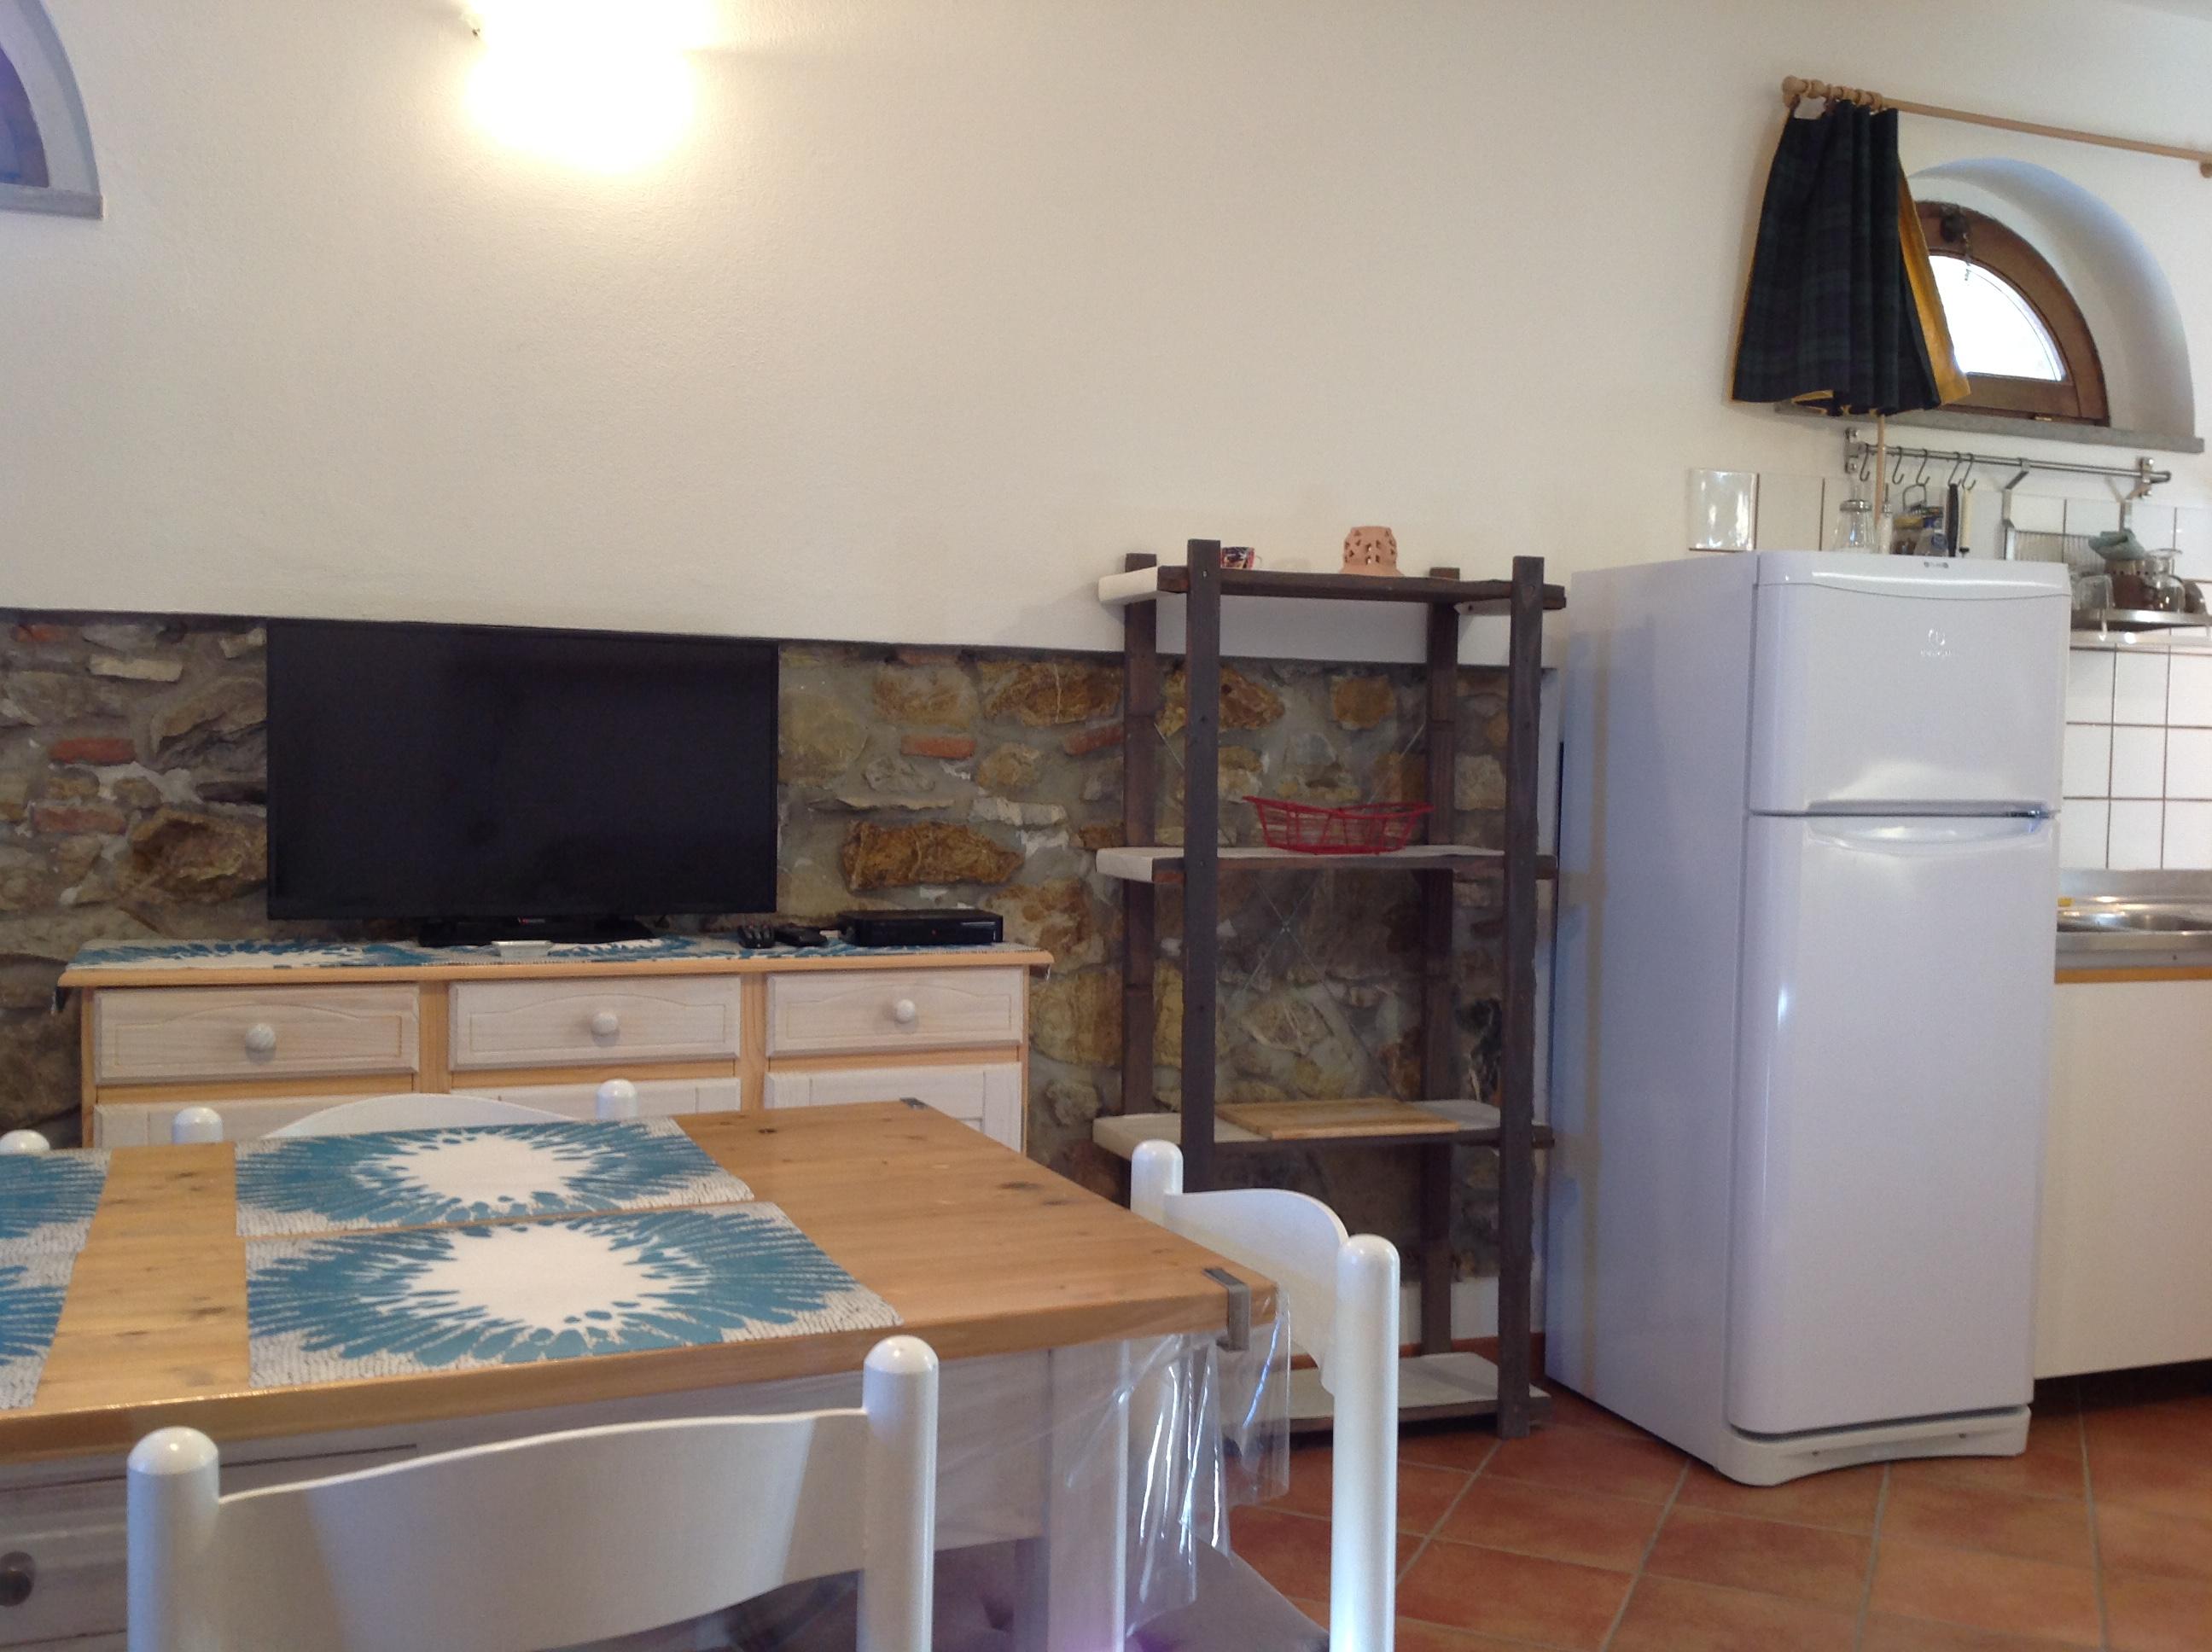 Monolocale con divano letto casa vacanze valdicciola - Divano letto per monolocale ...